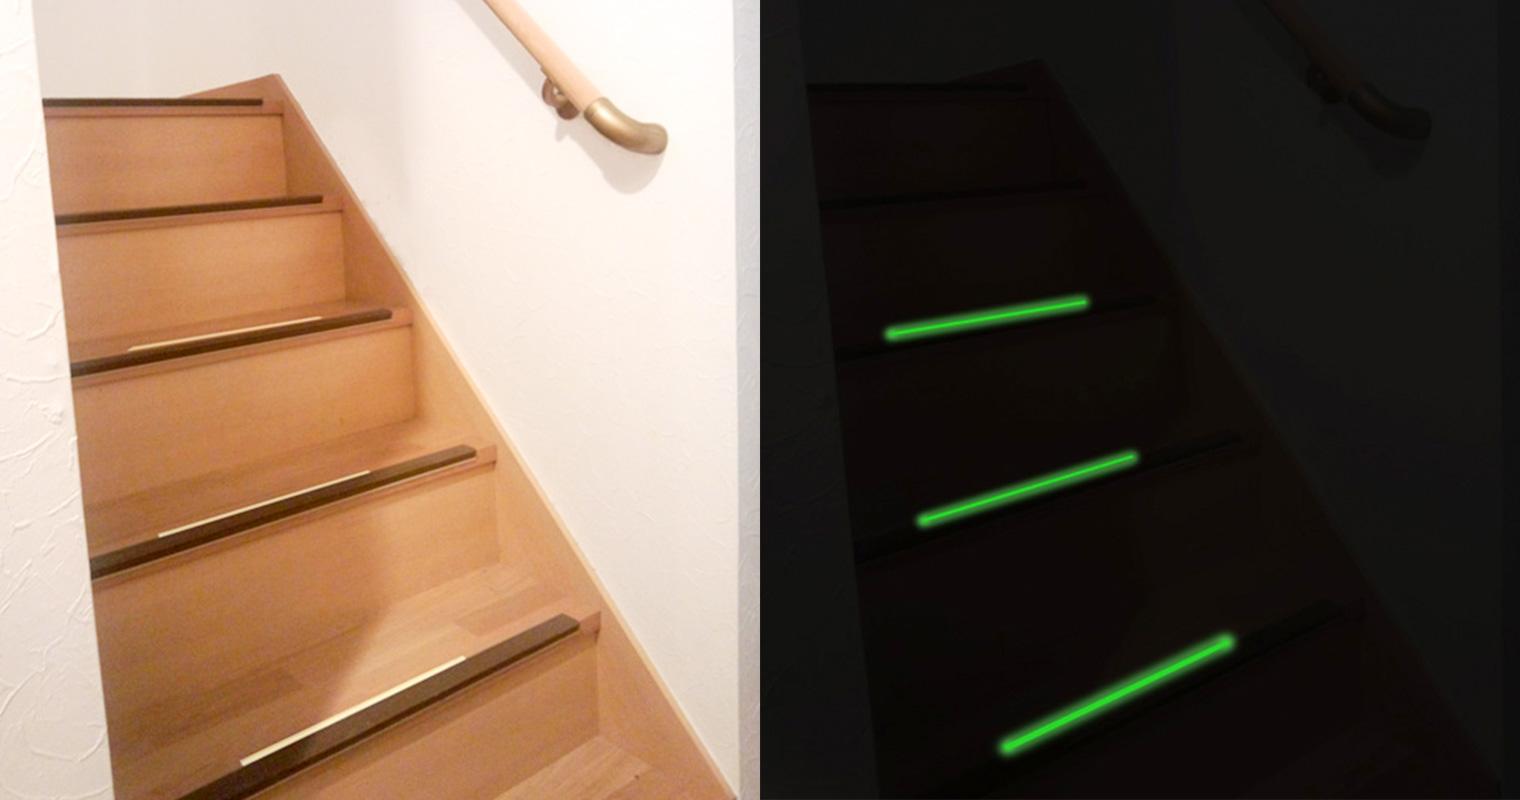 家庭の階段に貼った蓄光テープの明るいときと暗いときを比べた写真